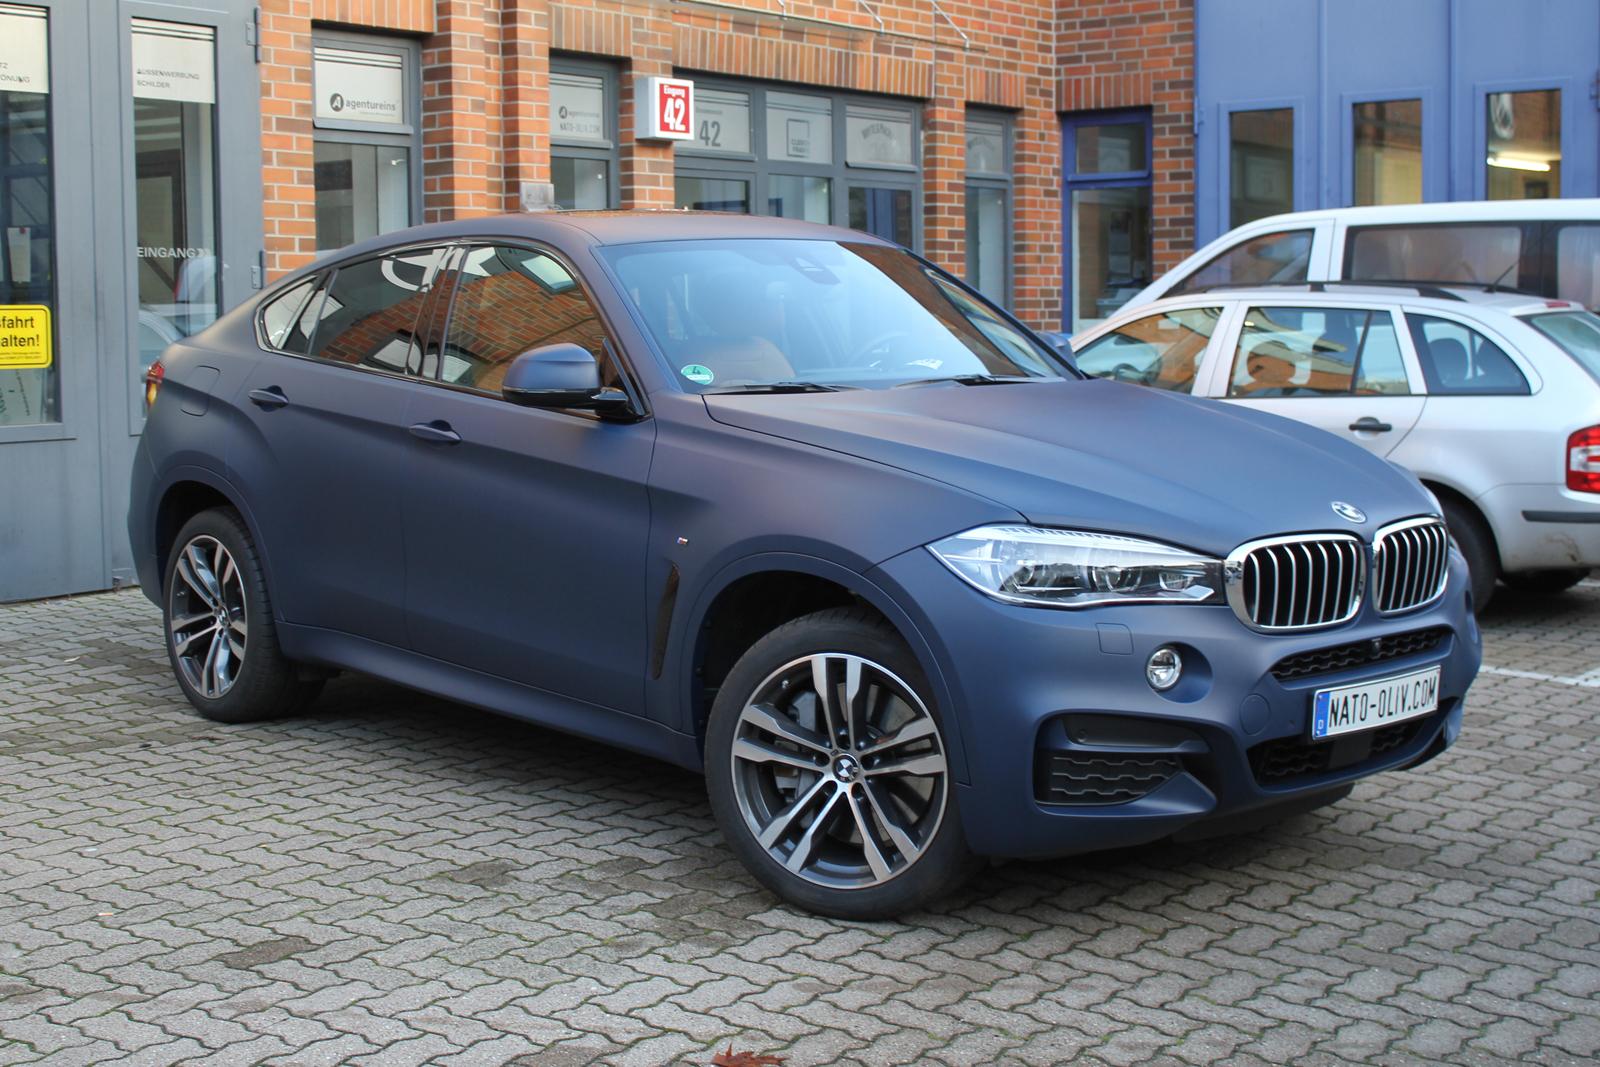 BMW_X6_CAR-WRAPPING_YACHTBLAU_MATT_02